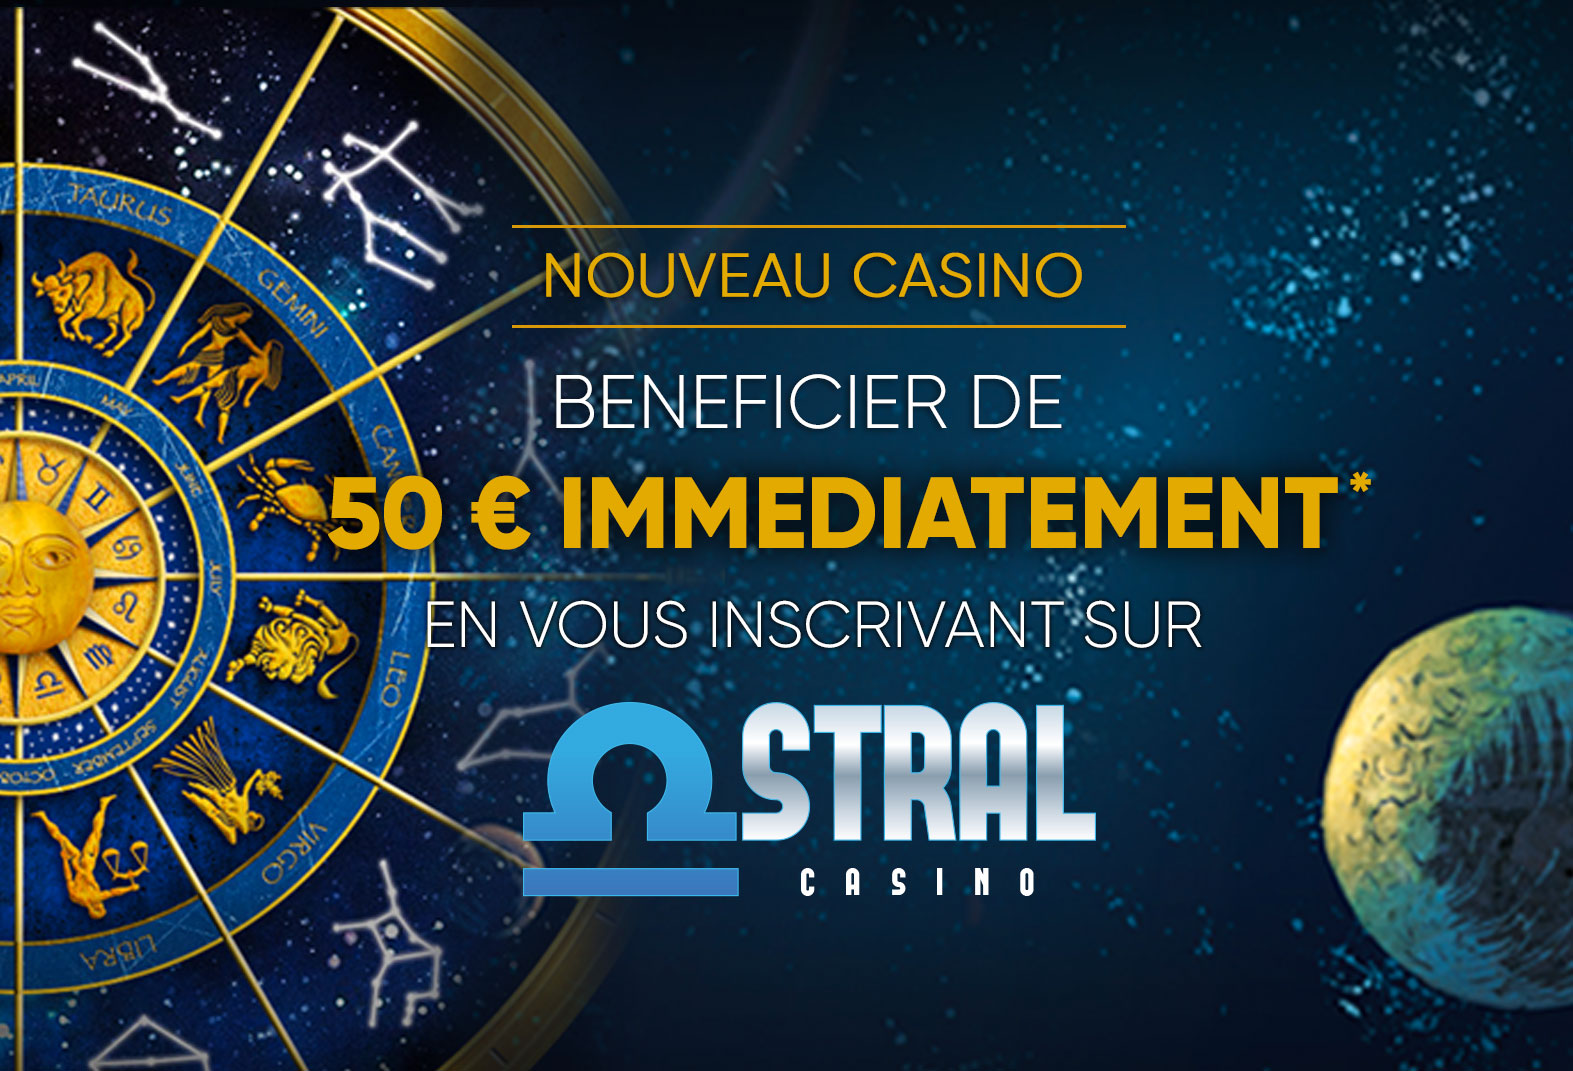 tout savoir sur astral casino